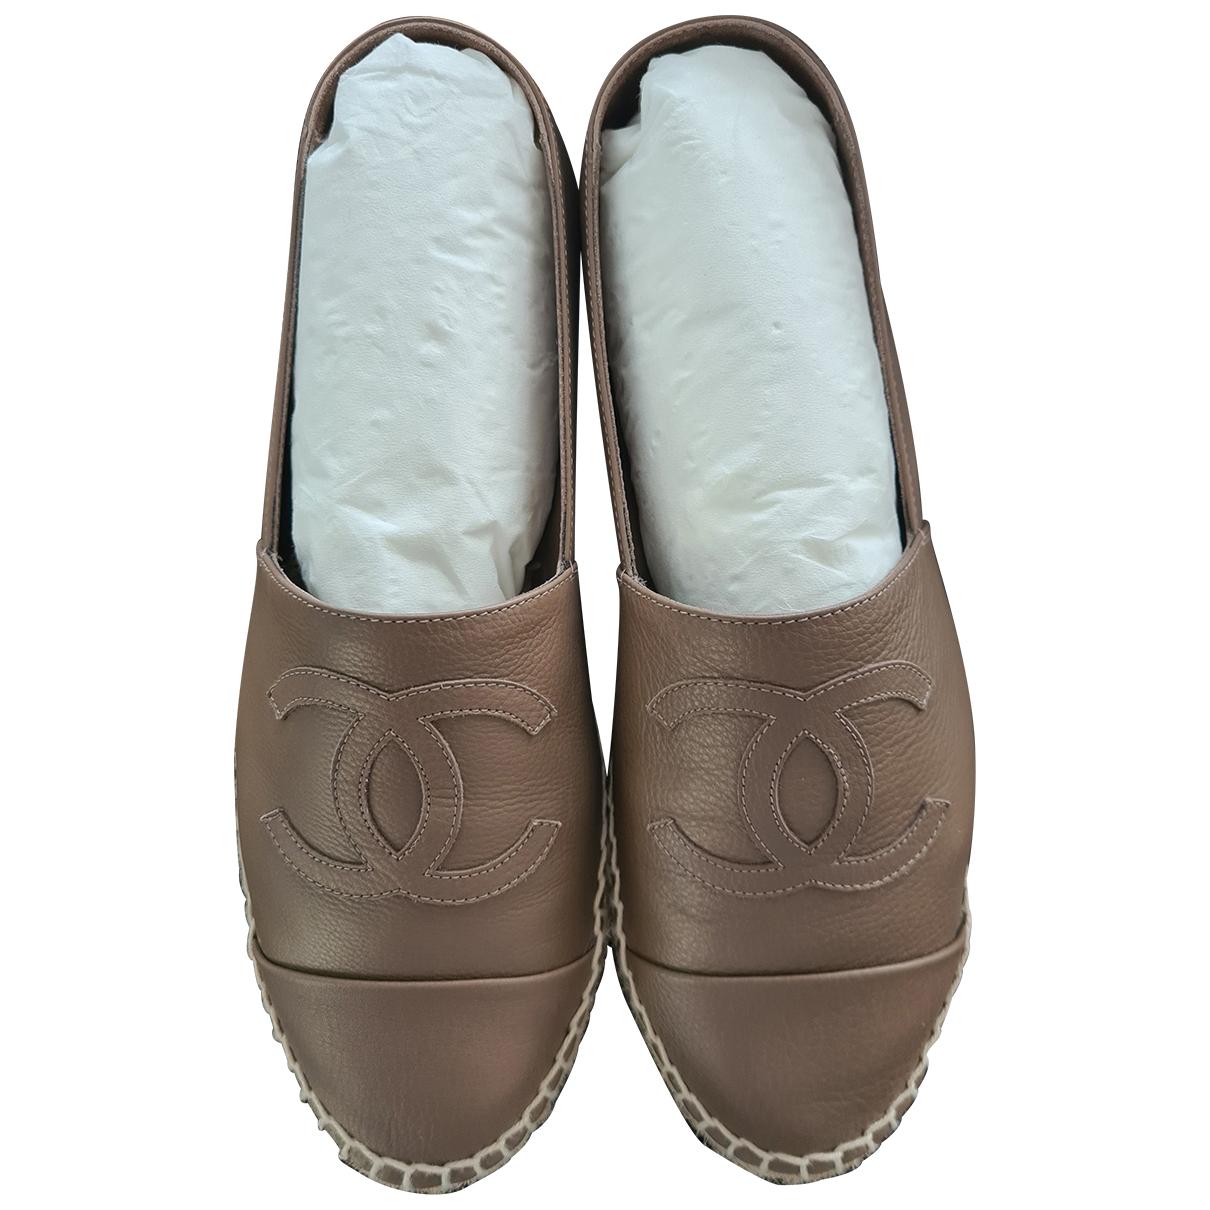 Chanel - Espadrilles   pour femme en cuir - kaki